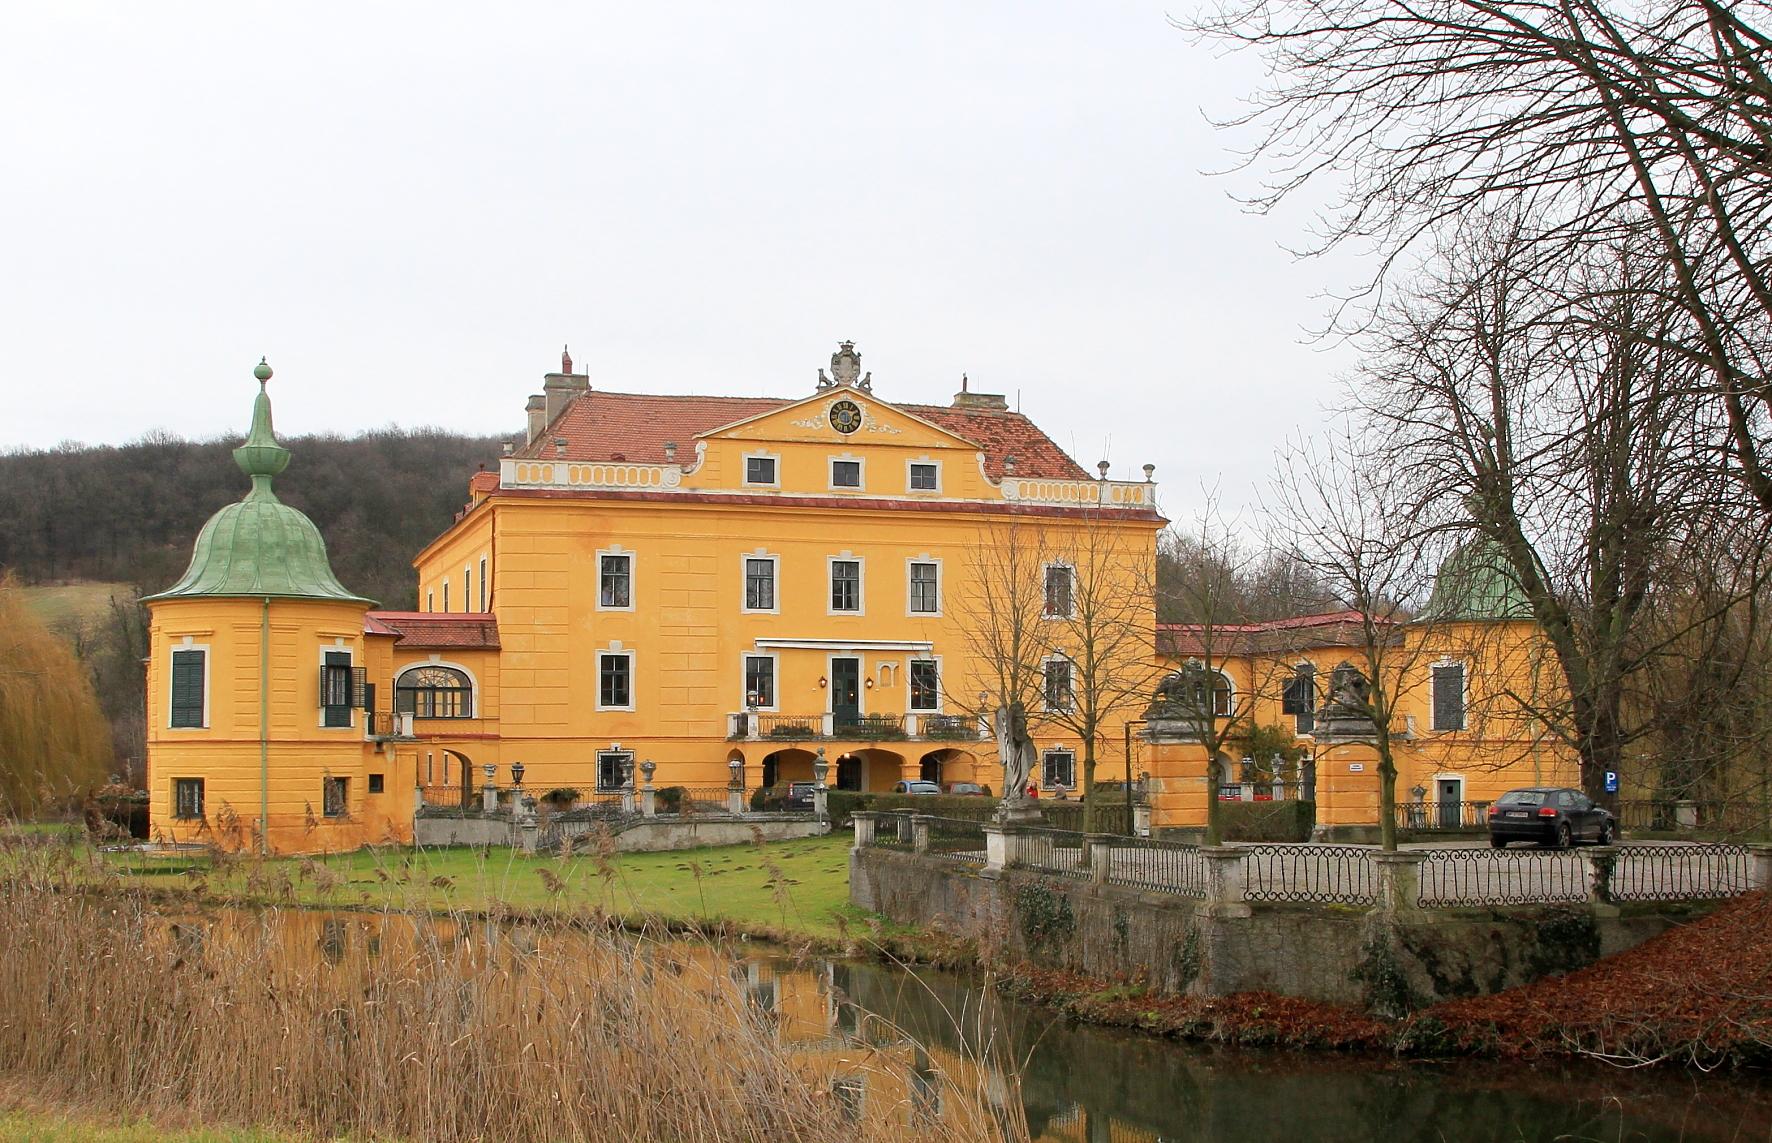 Pottenbrunn dating agentur, Karlstetten datingseite